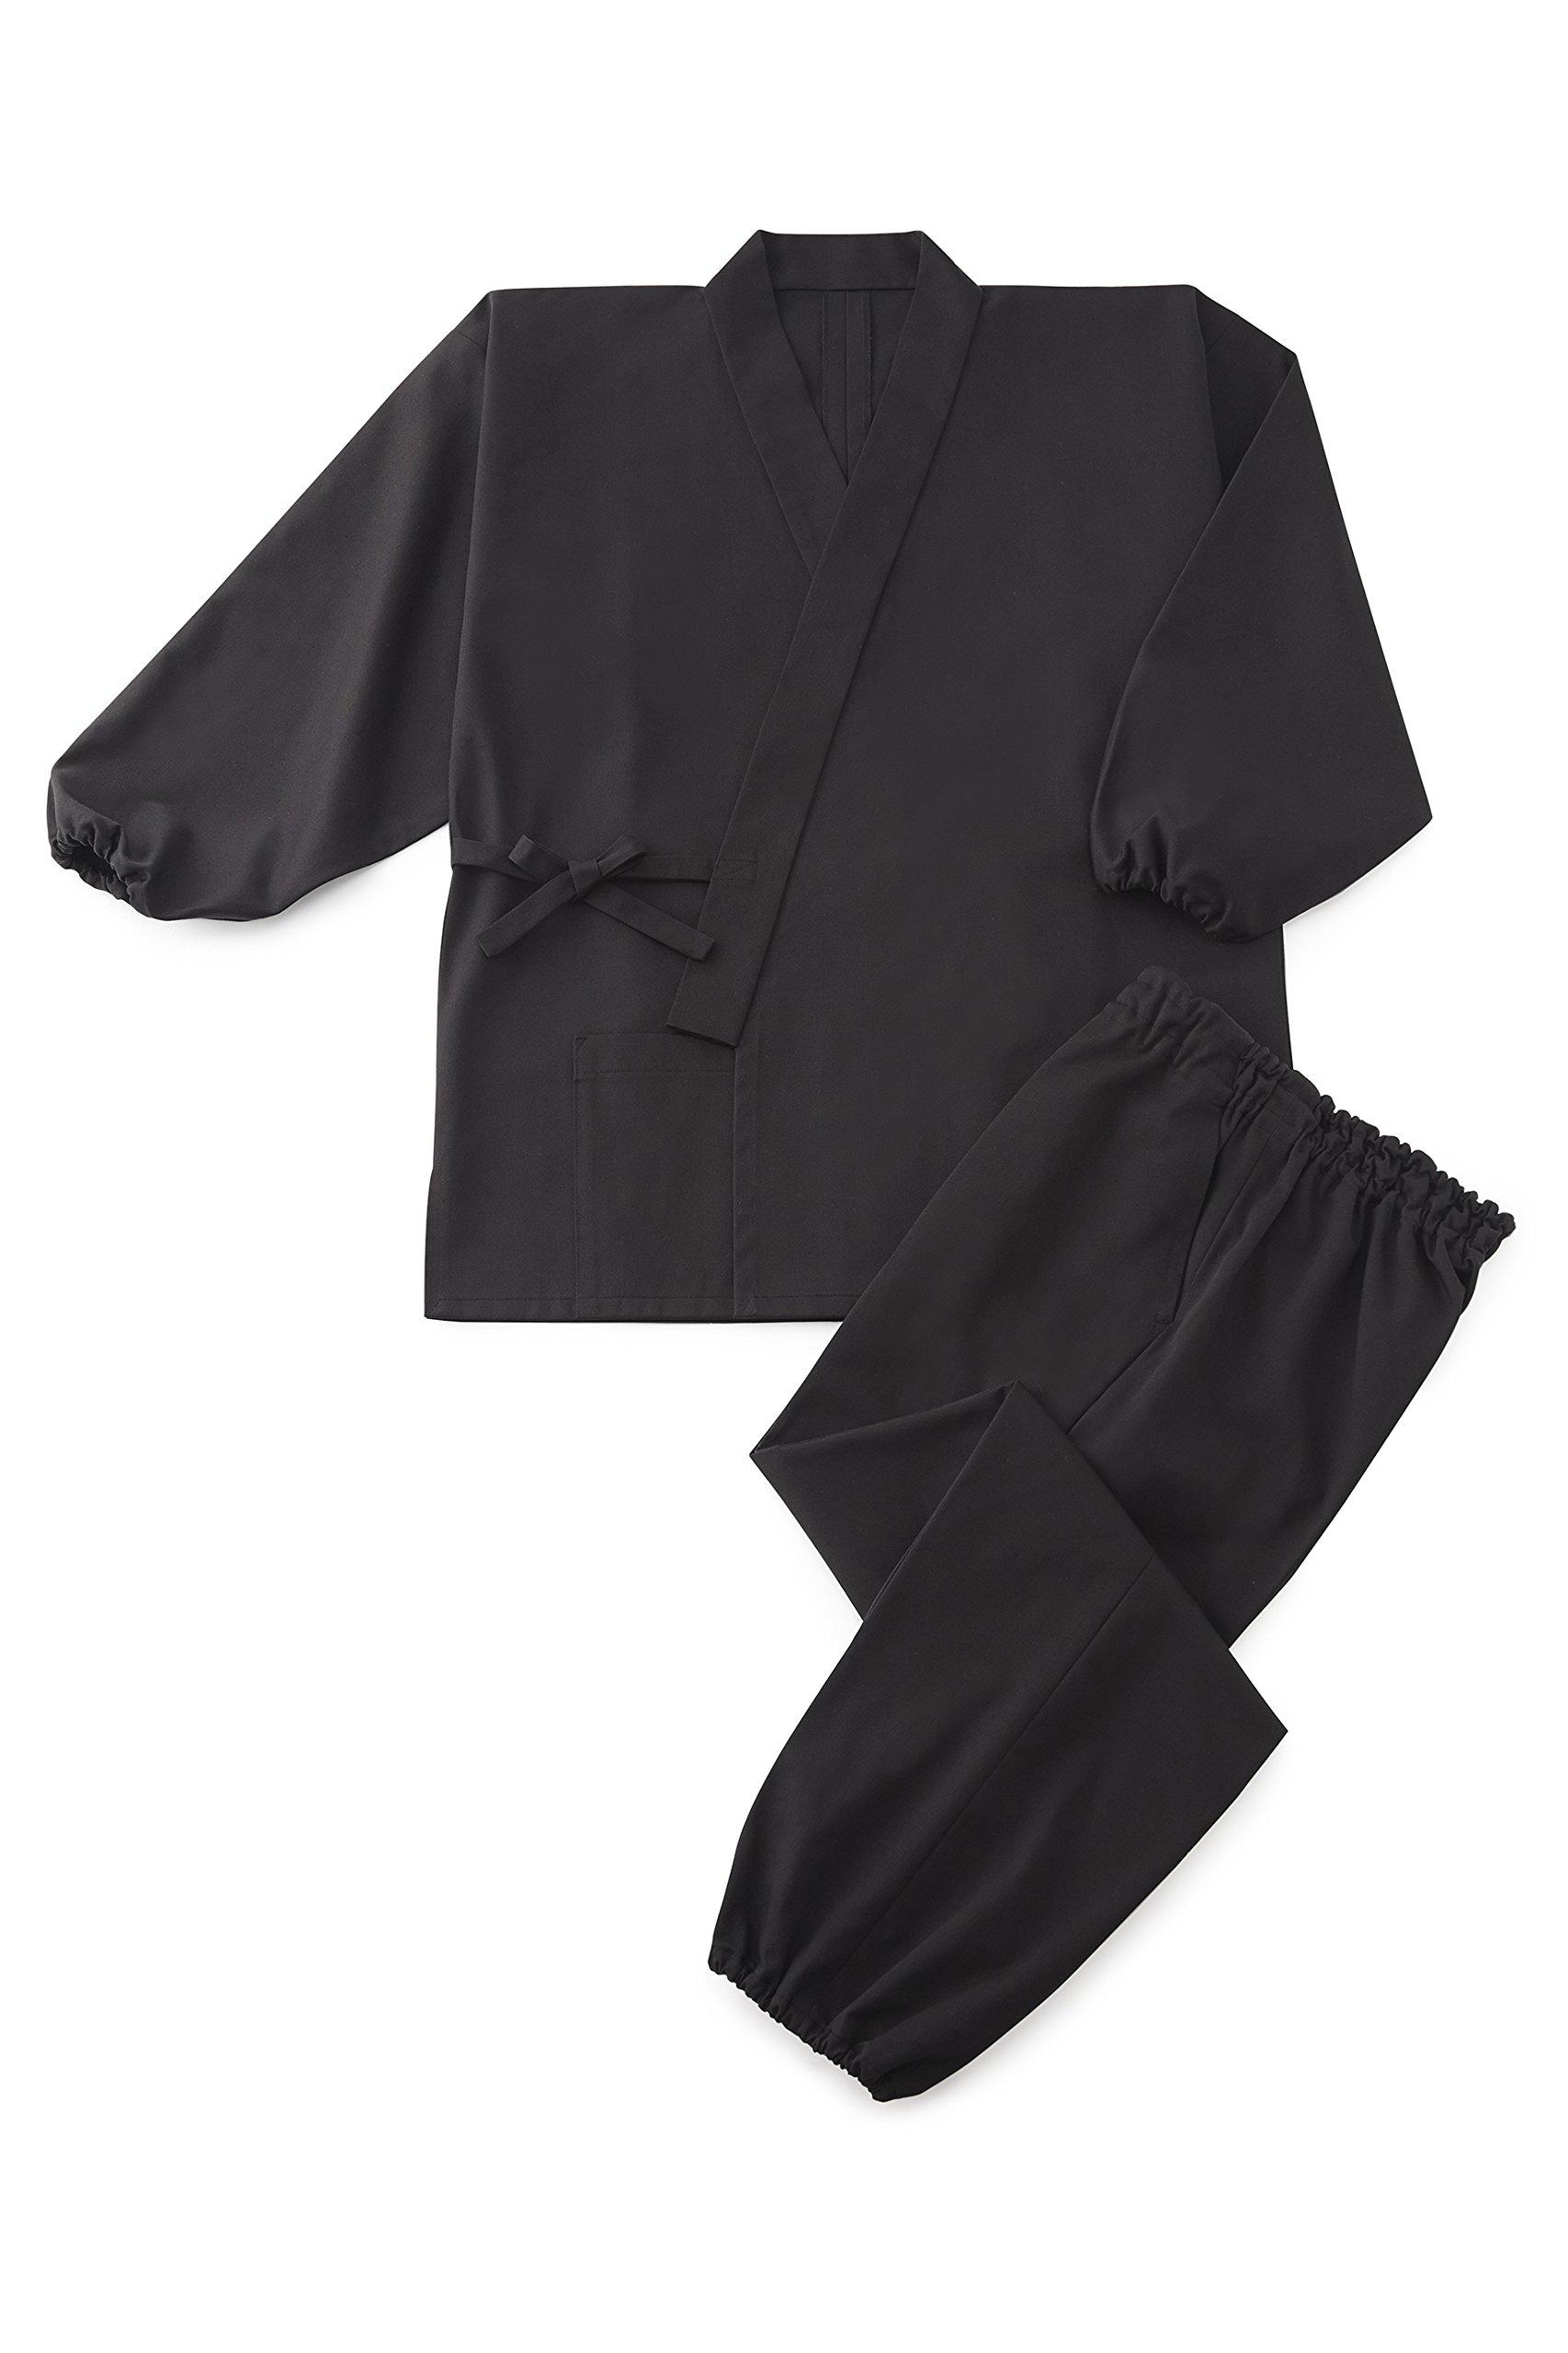 Cotton Blend Twill Samue 'JAKKOU' Black M by Tozando (Image #1)